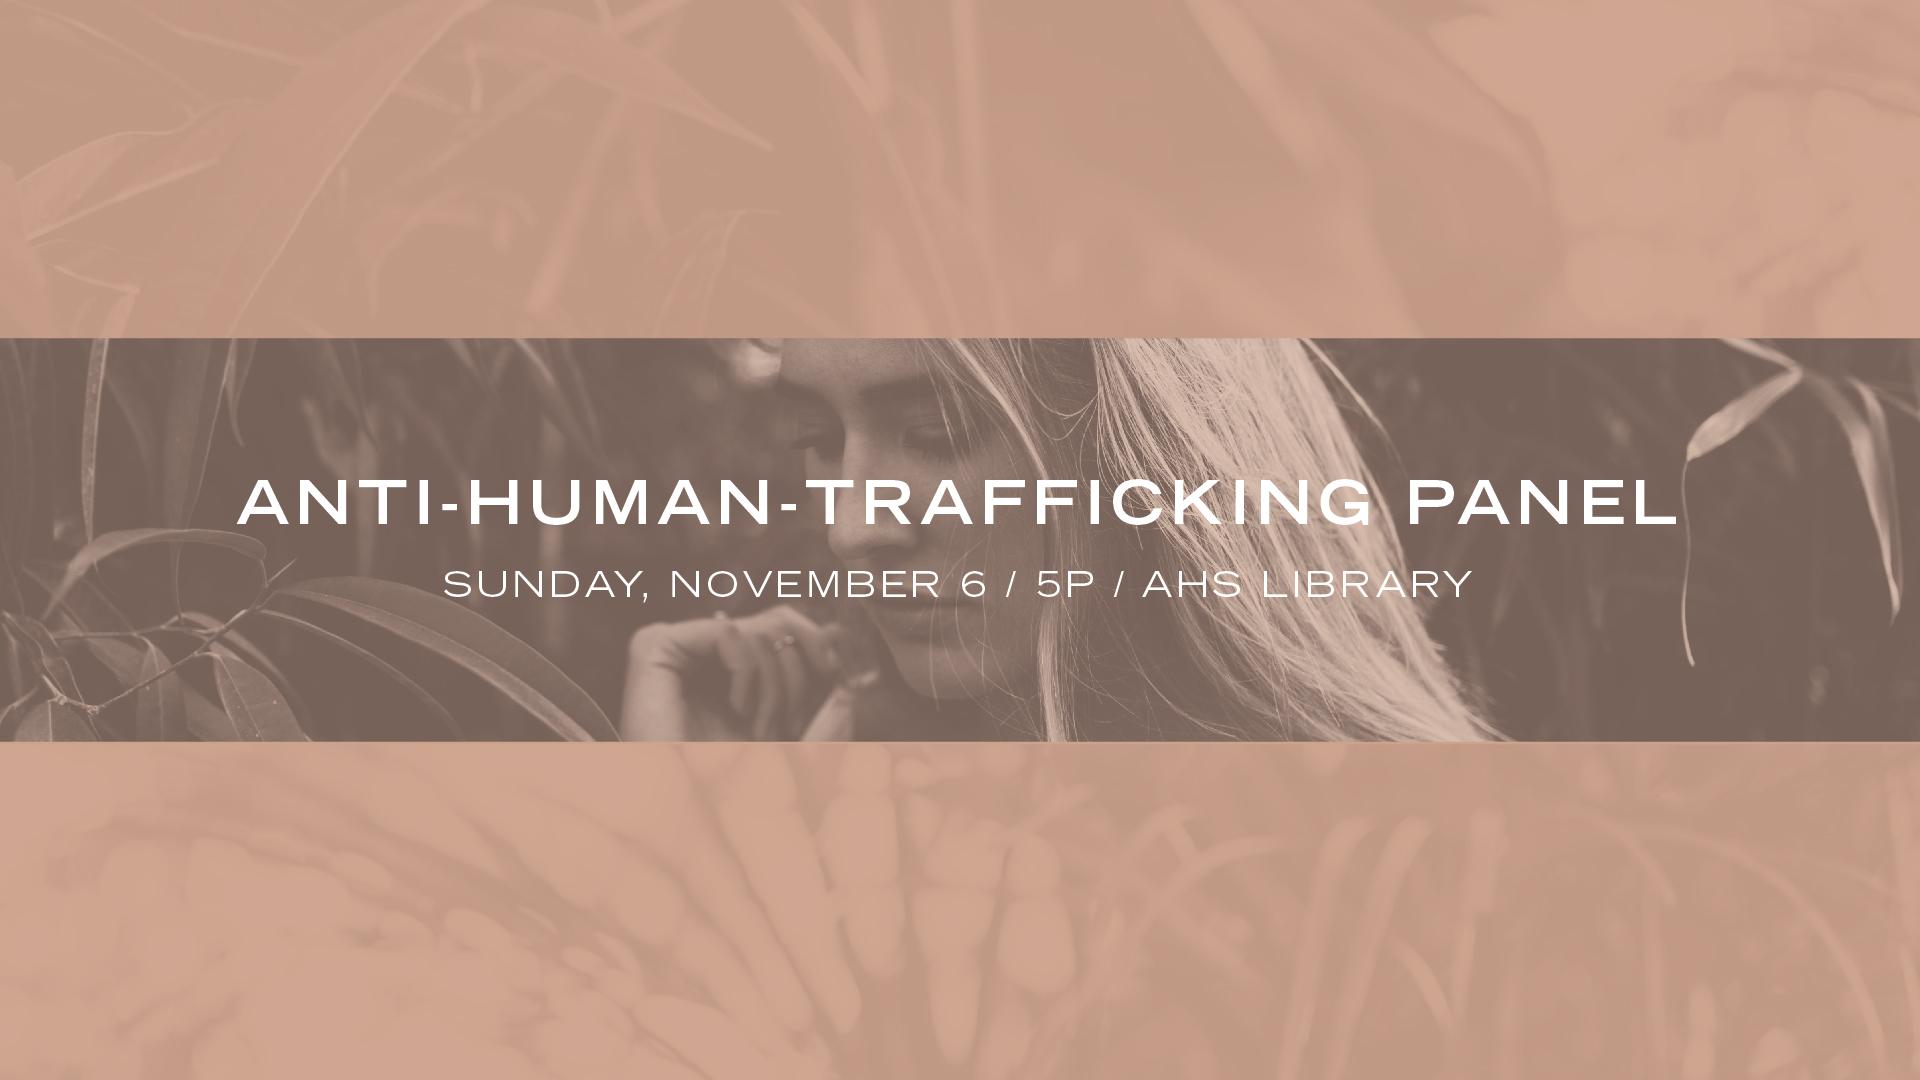 Anti-Human-Trafficking Slide